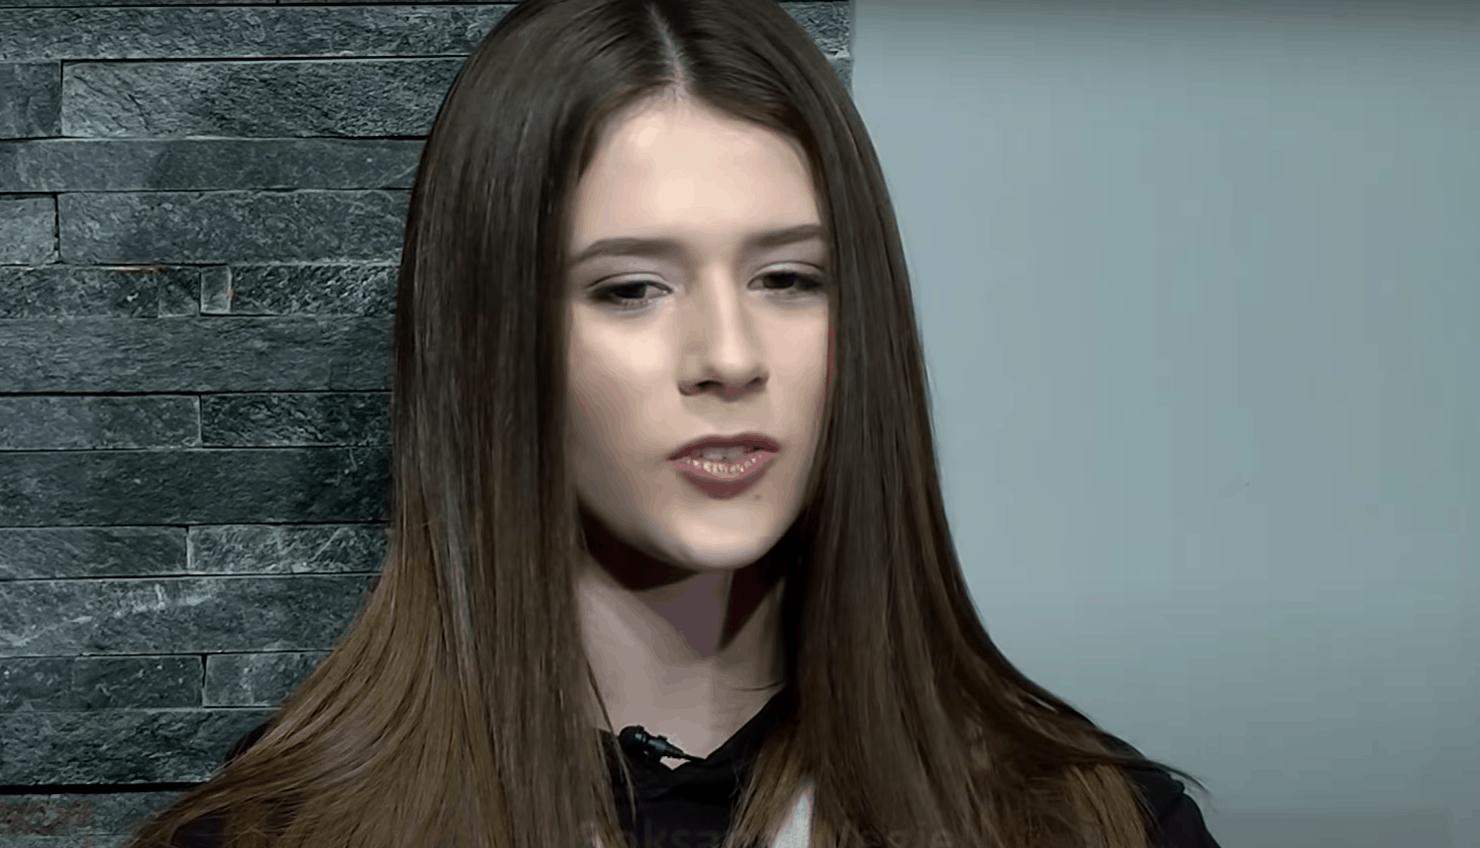 Roksana Węgiel chce wyprodukować film dokumentalny, w którym wyzna prawdę o show-biznesie oraz o tym jak wyglądała jej kariera